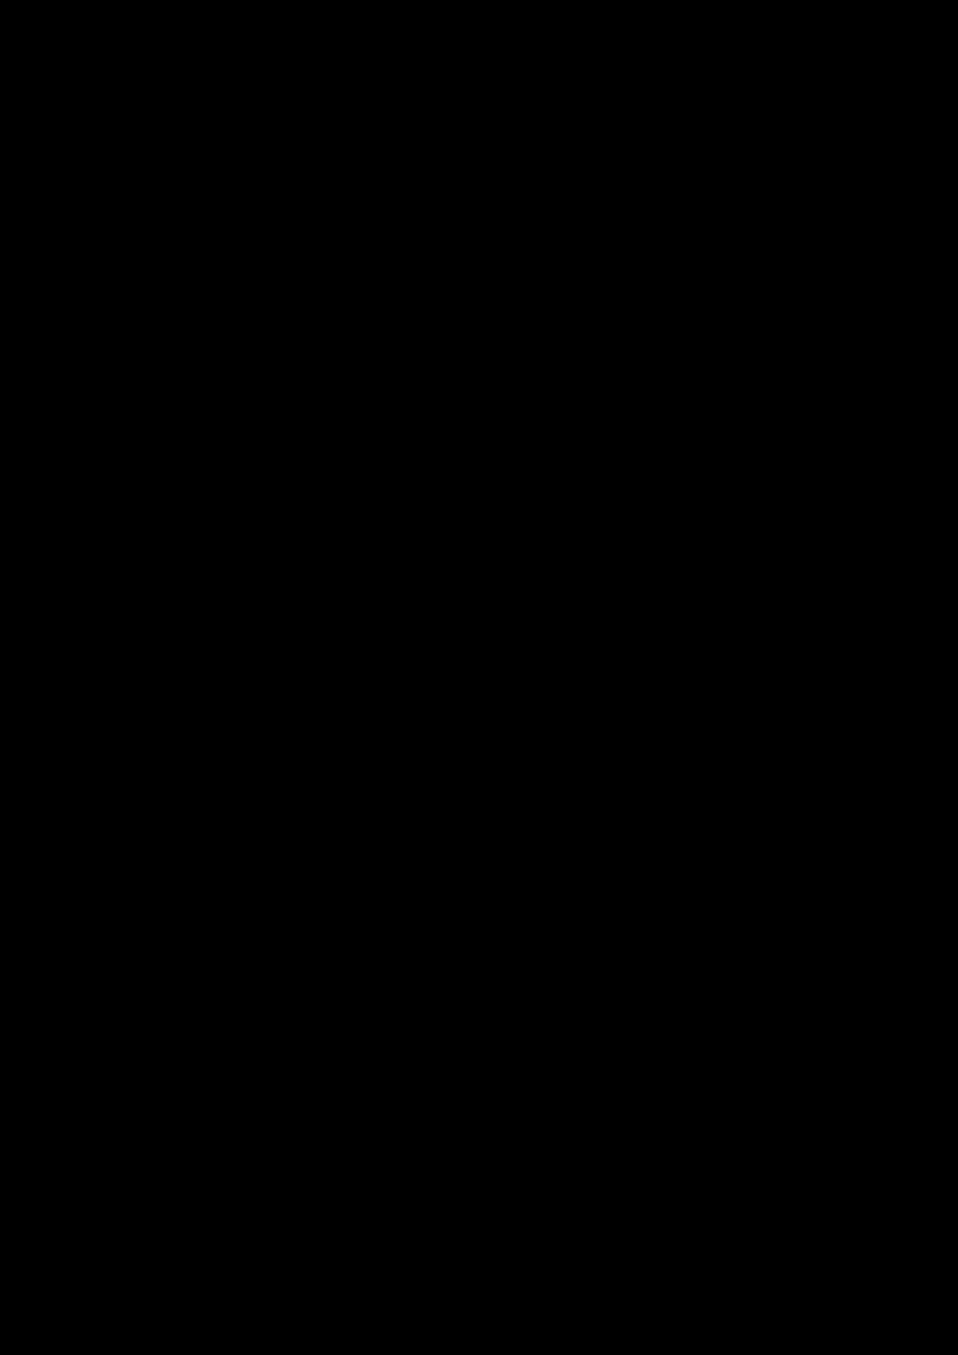 Doctors clipart silhouette. Public domain clip art